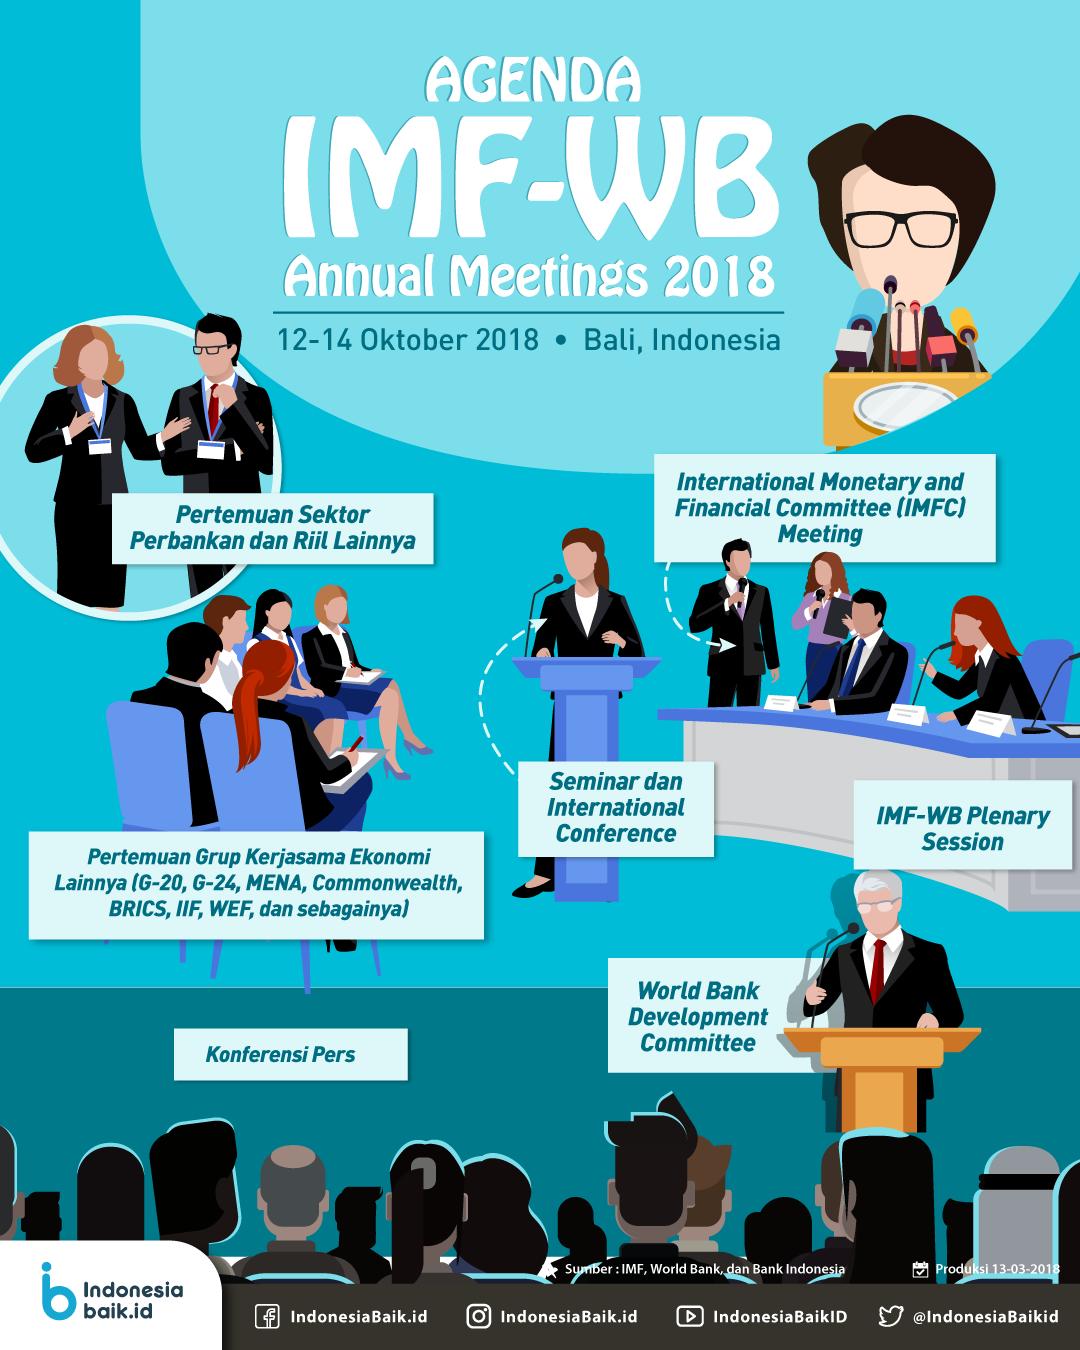 Agenda IMF-WB Annual Meetings 2018